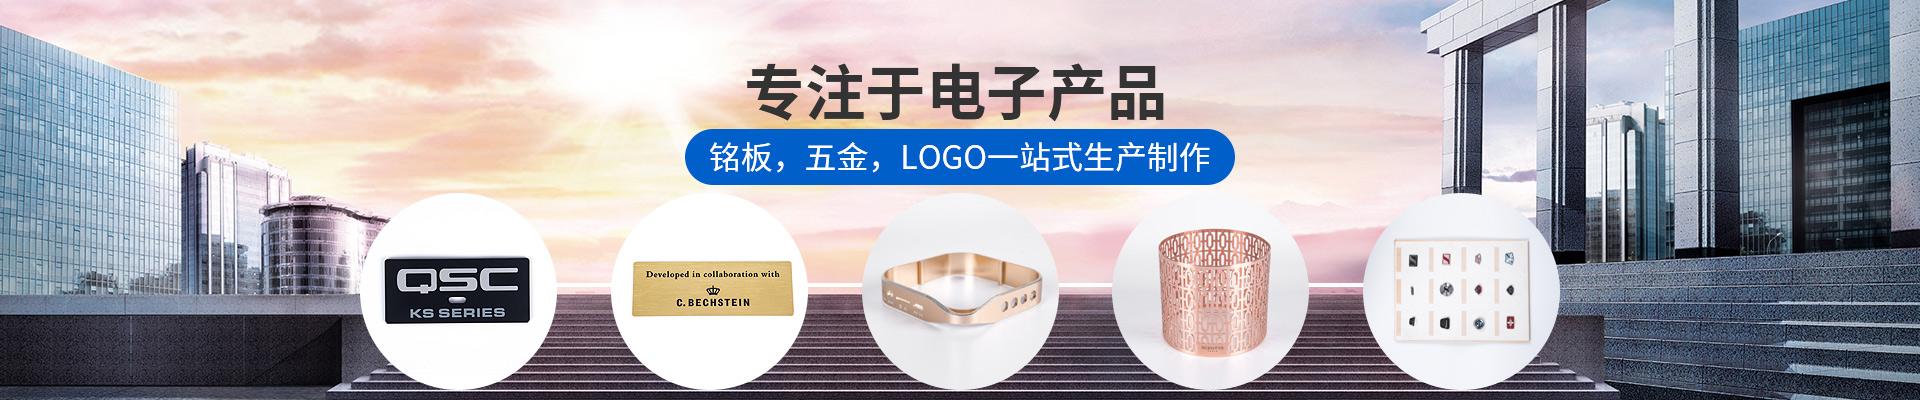 维运专注于电子产品 铭板,五金,LOGO一站式生产制作